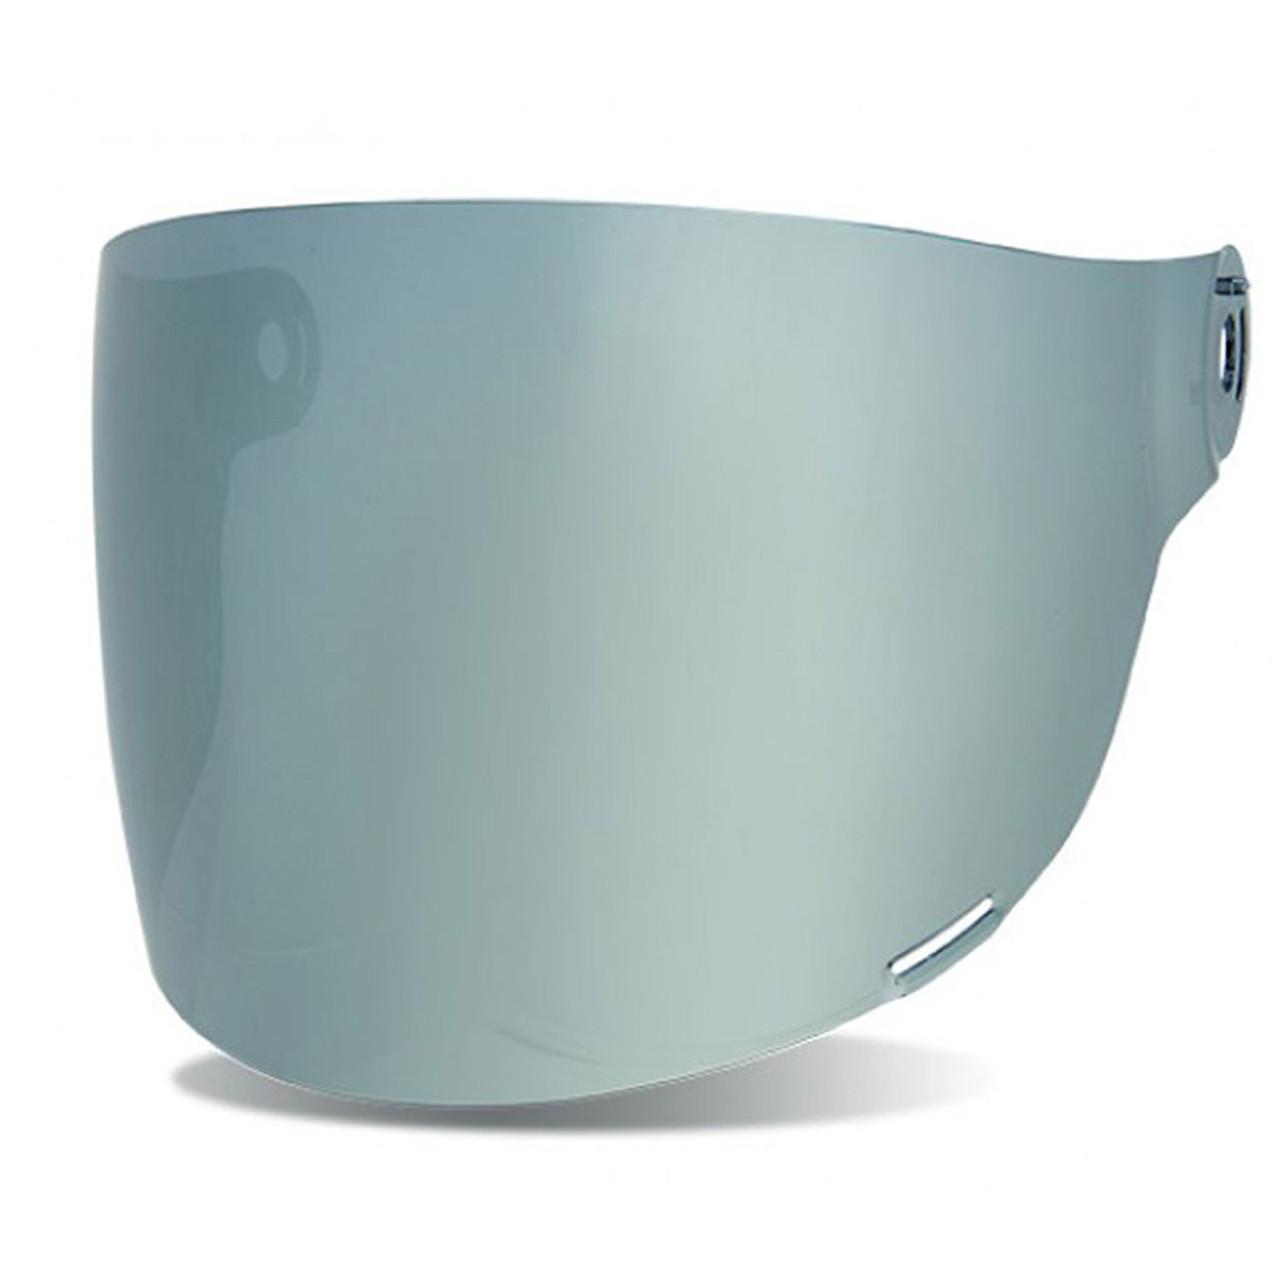 Bell Bullitt Flat Shield Visor Black Tabs Clear 8013377